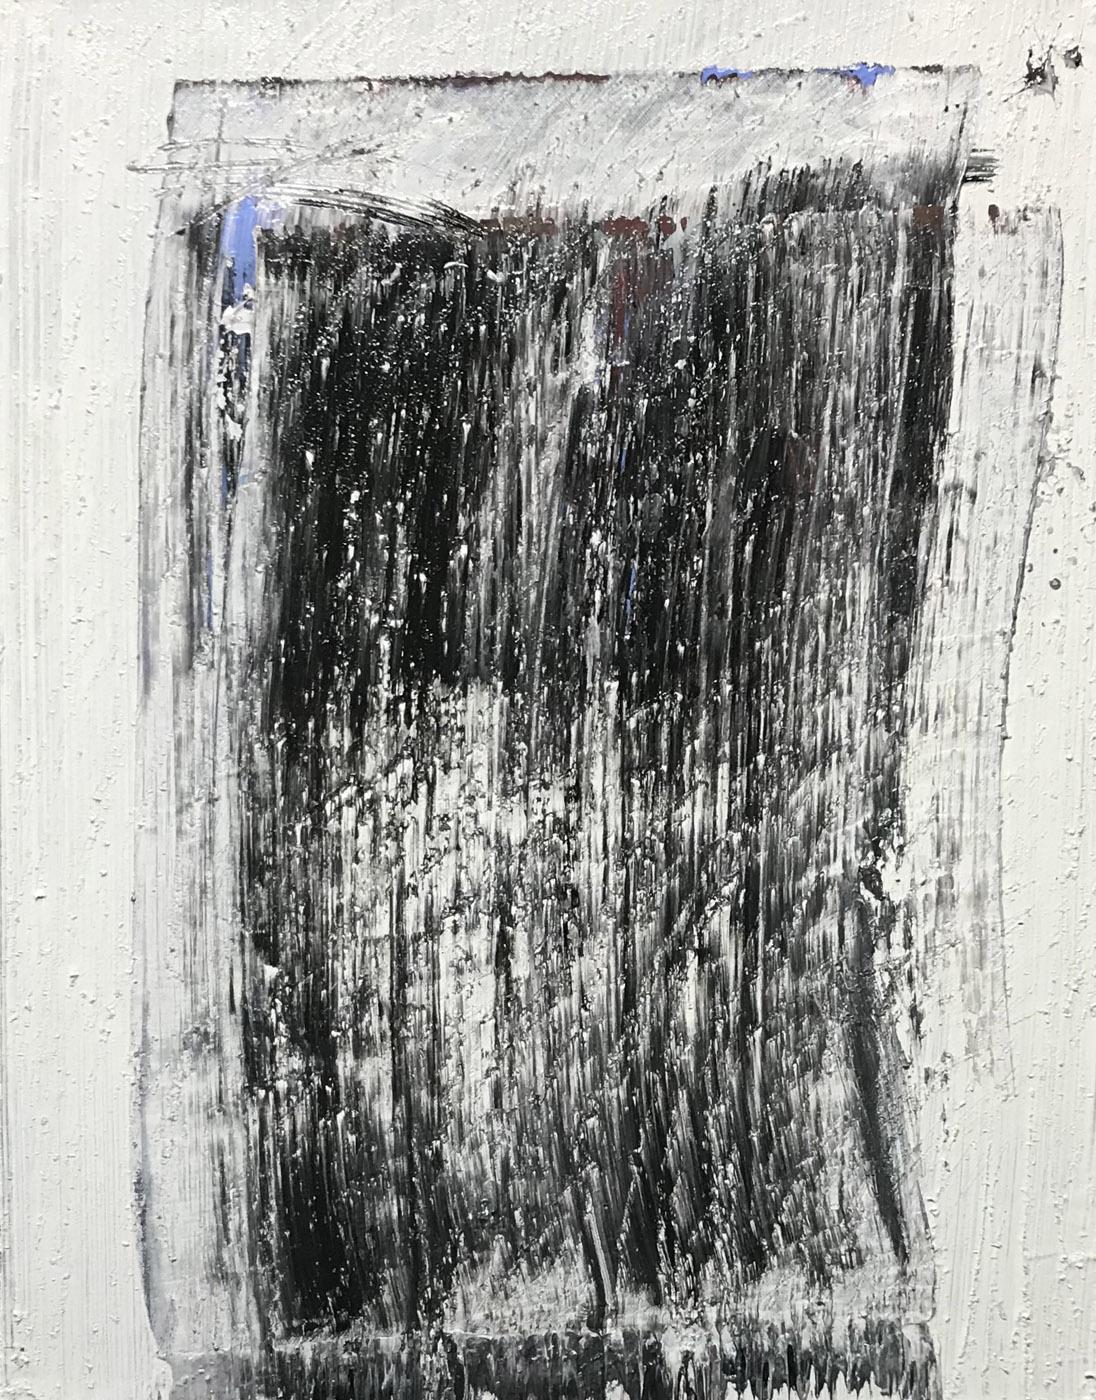 MARC FELD 2020 POUR RESSURGIR Huile sur papier marouflé sur toile 50 x 65 cm